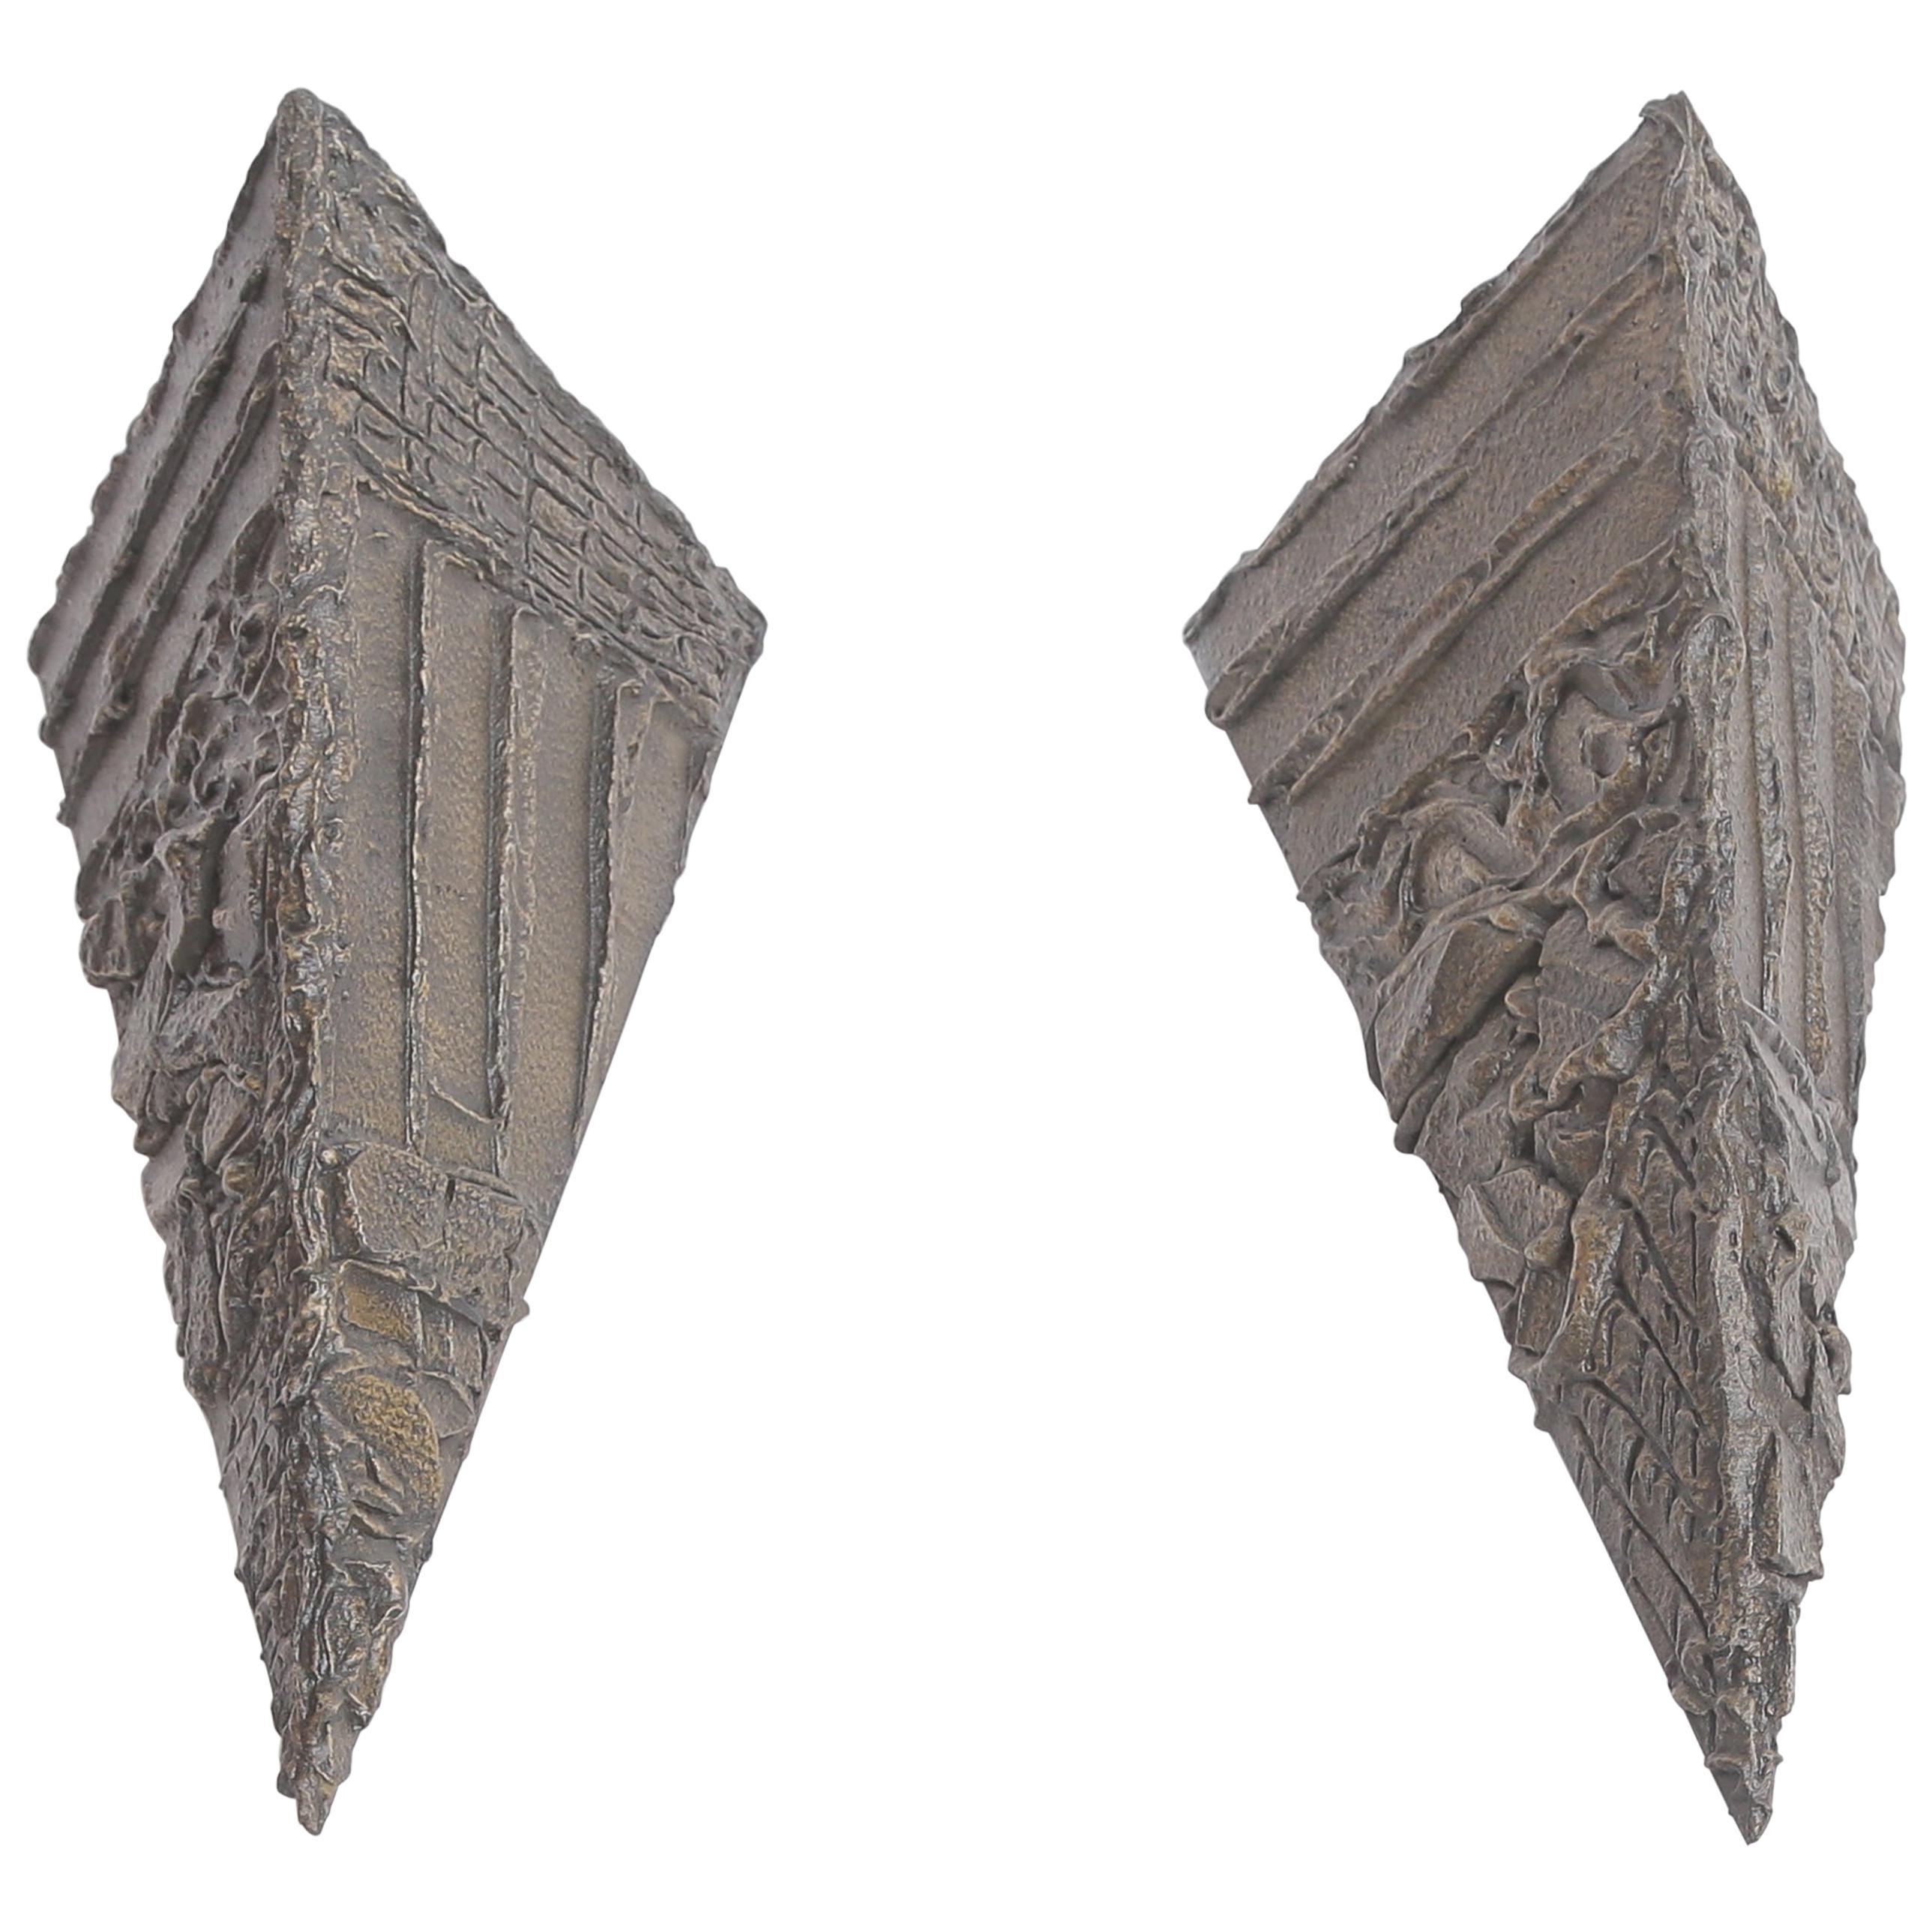 Paul Evans Sculpted Bronze Pyramidal Wall Brackets